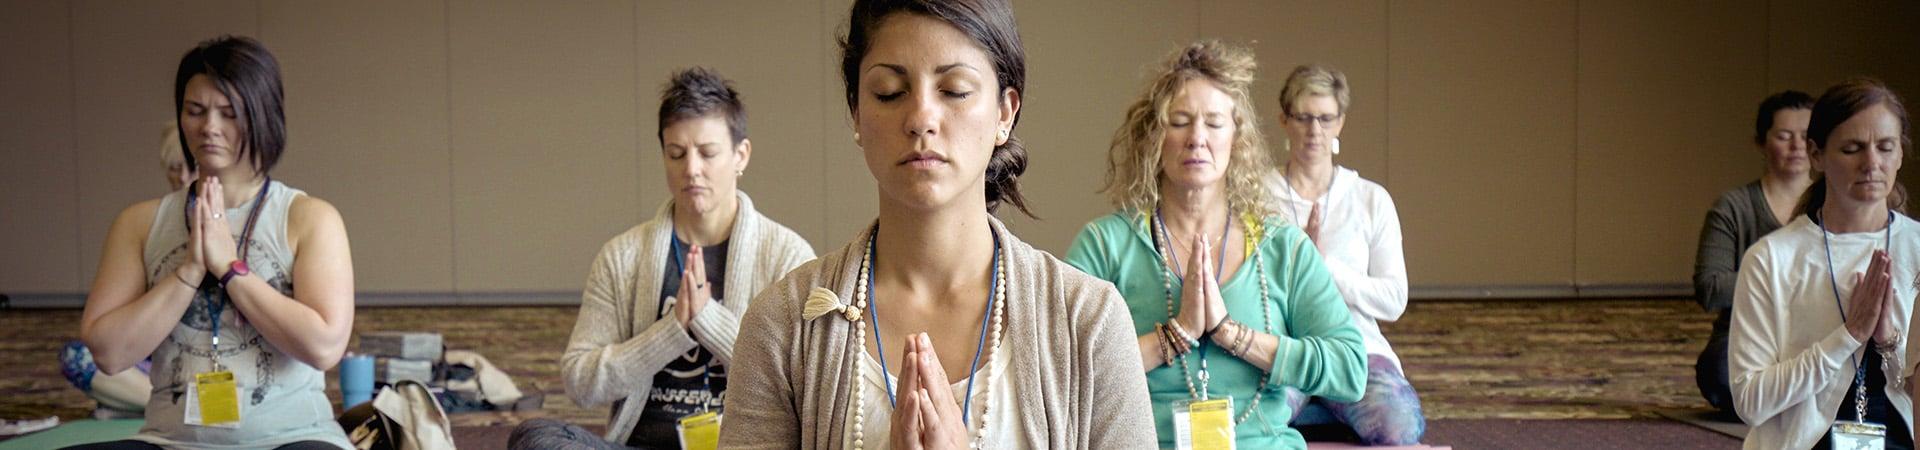 people-meditating